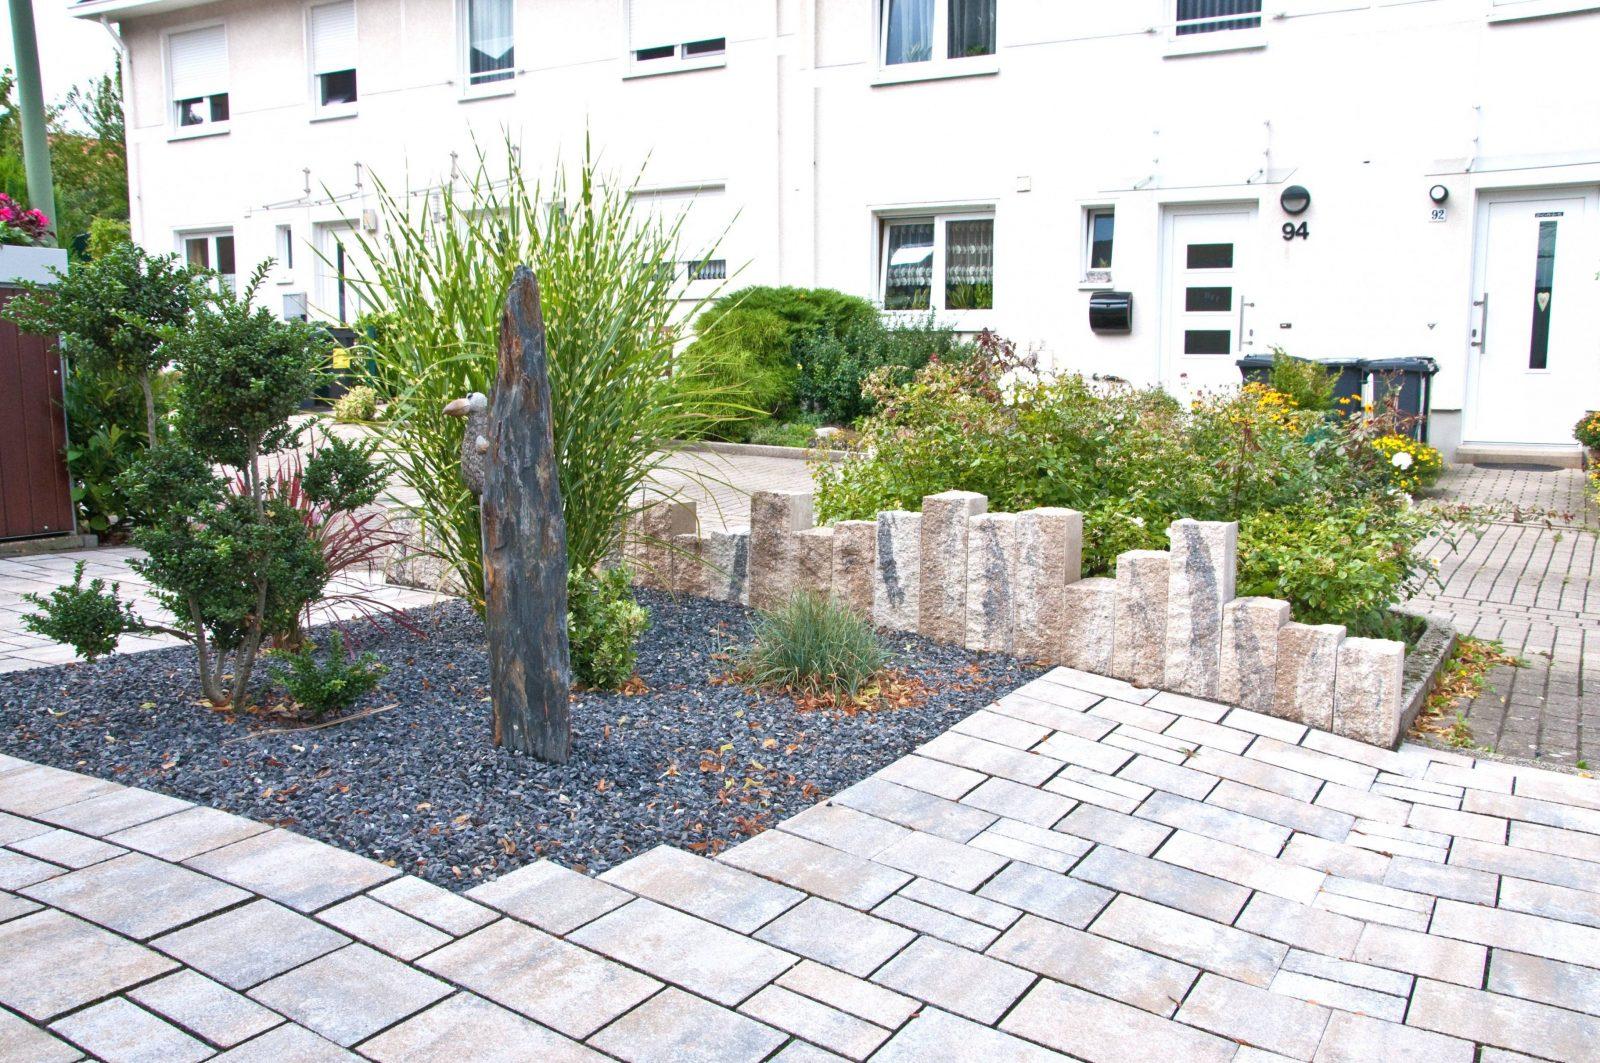 Fantastisch 40 Deko Ideen Mit Steinen Im Garten Design Ideen von Deko Ideen Mit Steinen Im Garten Bild